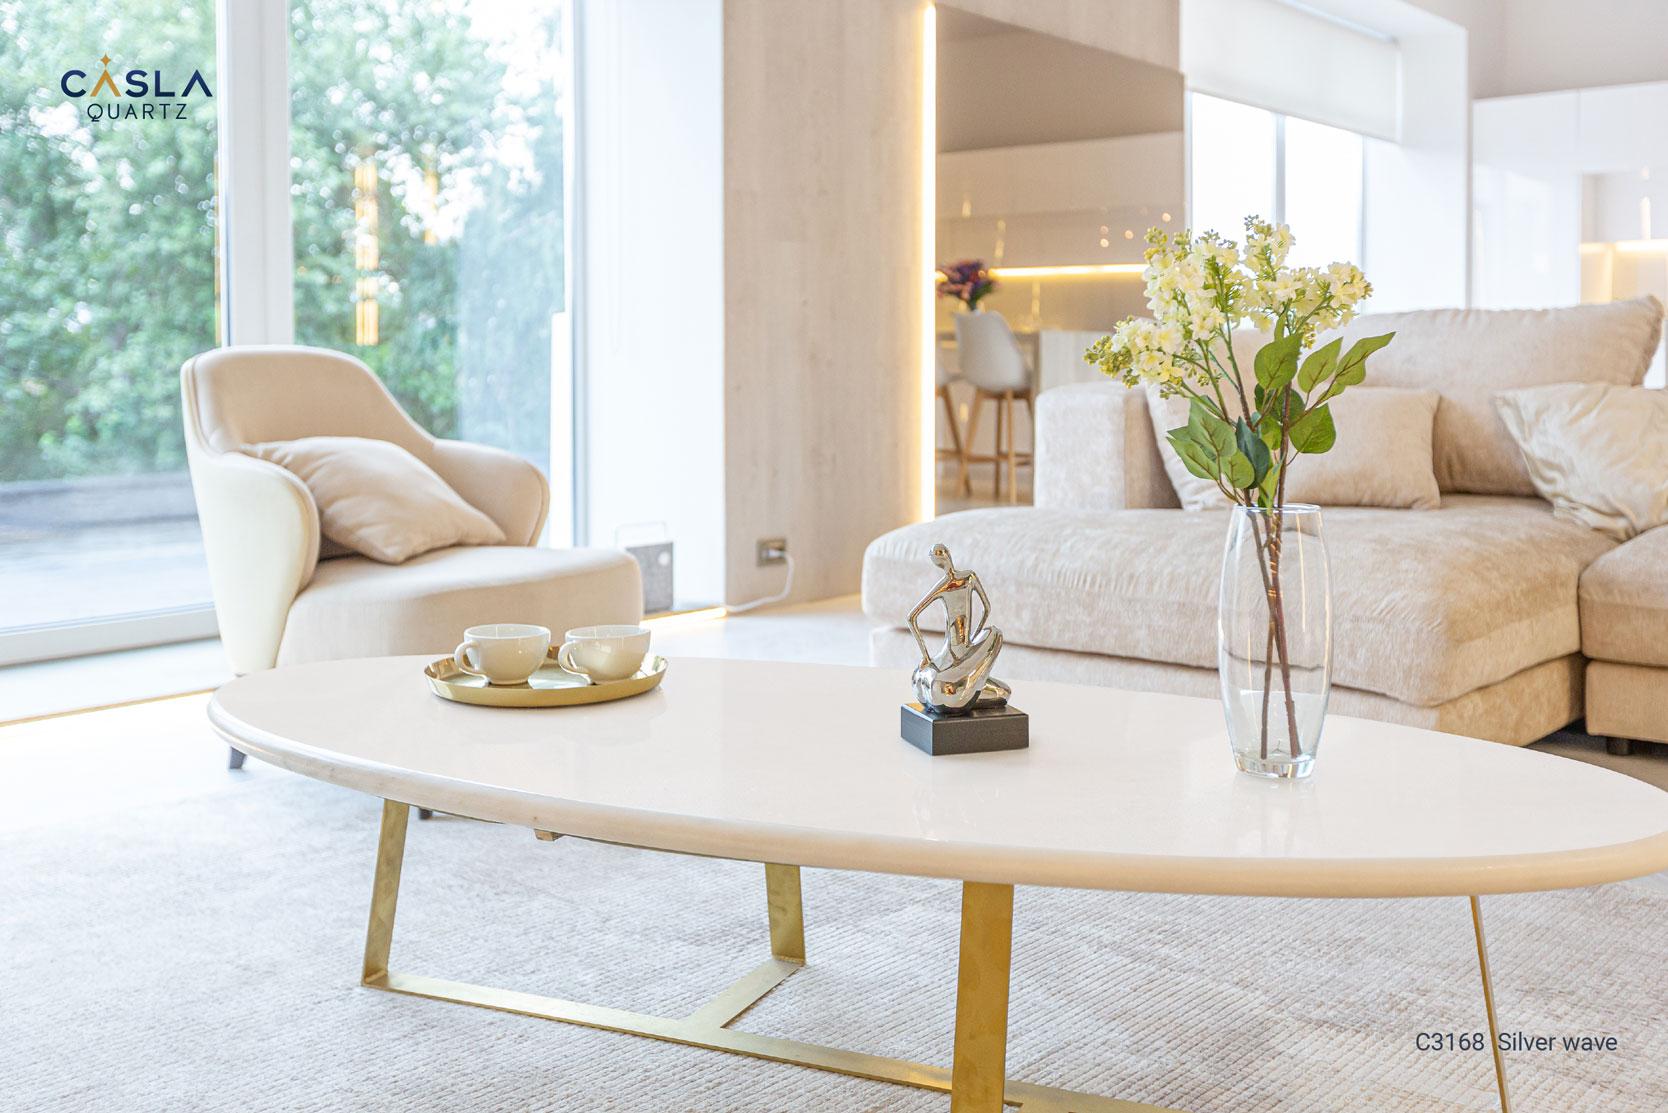 Đá nhân tạo Silver Wave làm mặt bàn trà rất tinh tế tại phòng khách